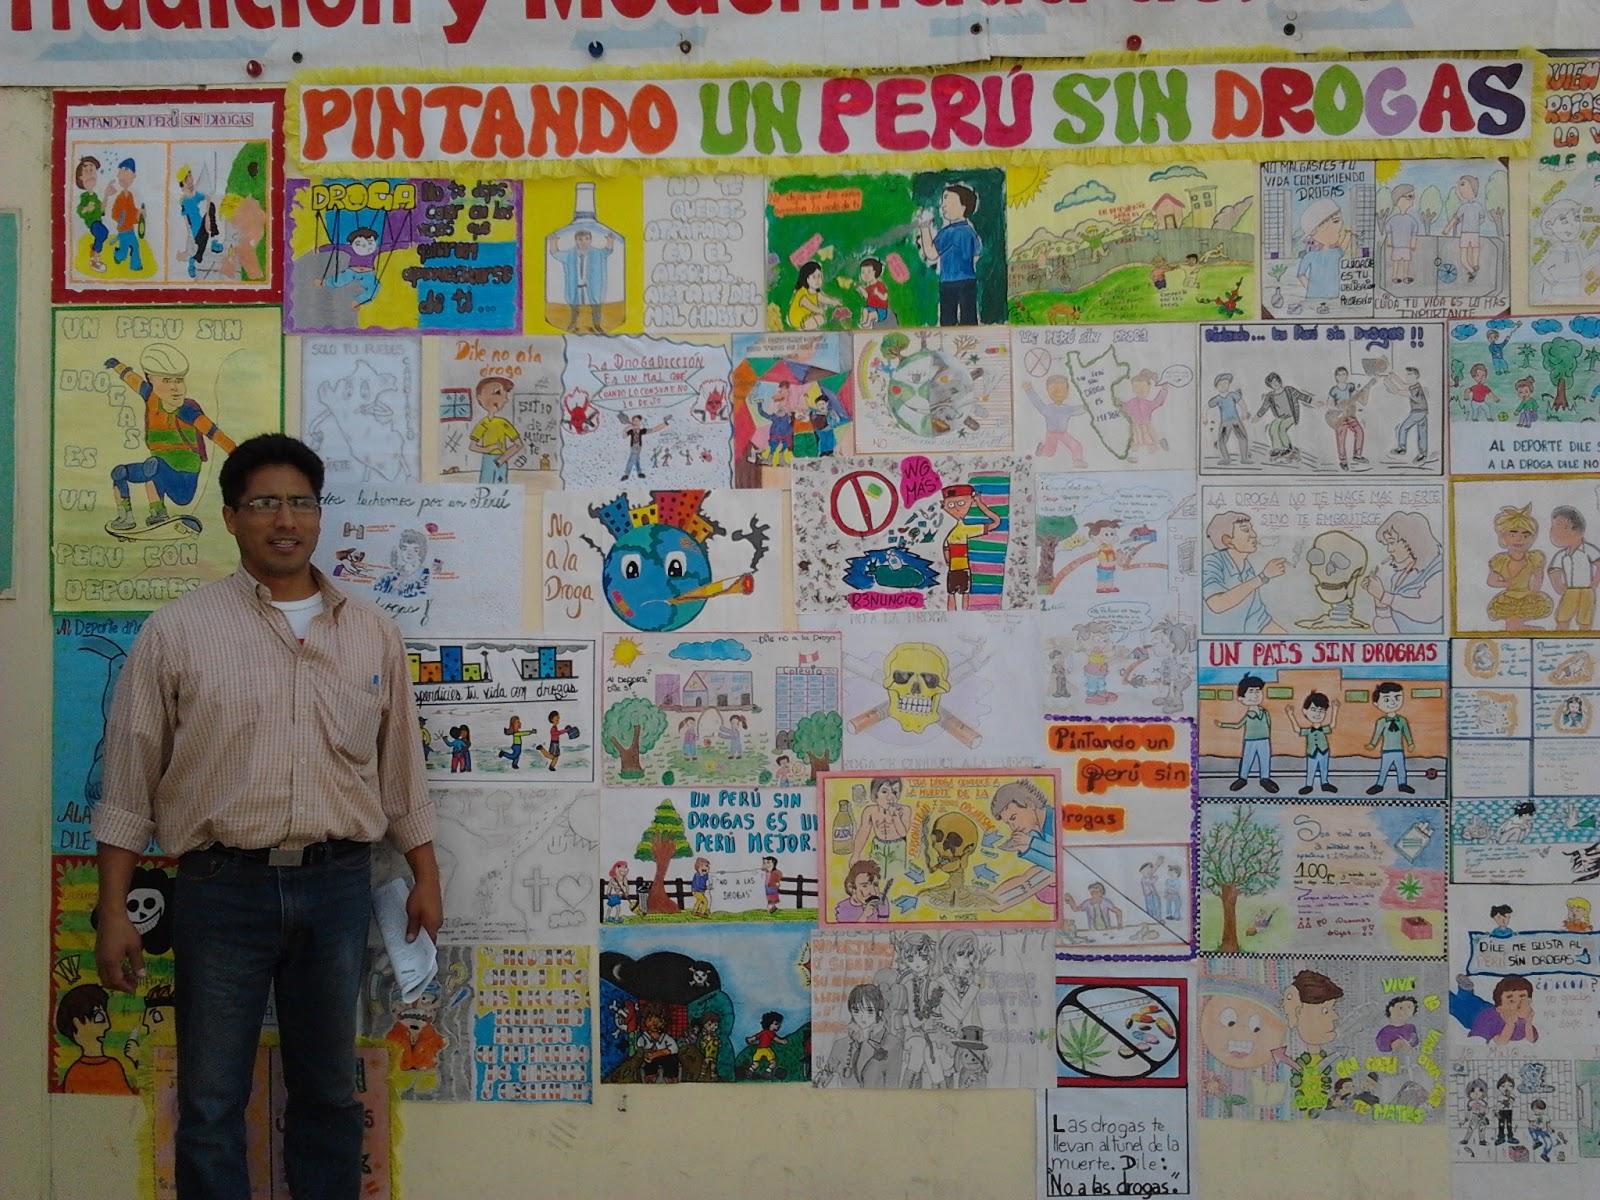 Aprendiendo y ense ando en lima norte pintando un per for Cuanto cobrar por pintar un mural